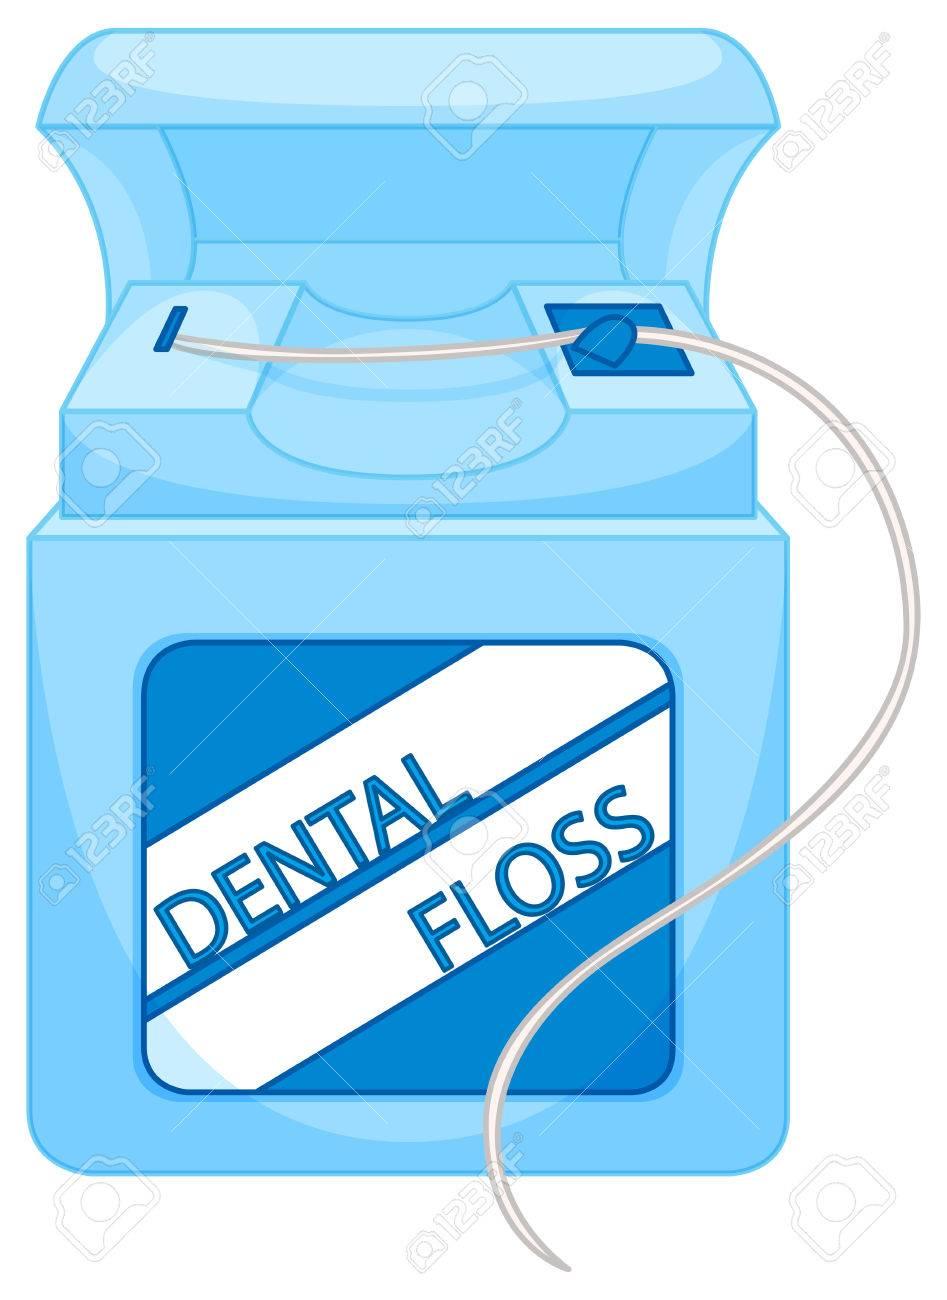 Box of dental floss illustration.